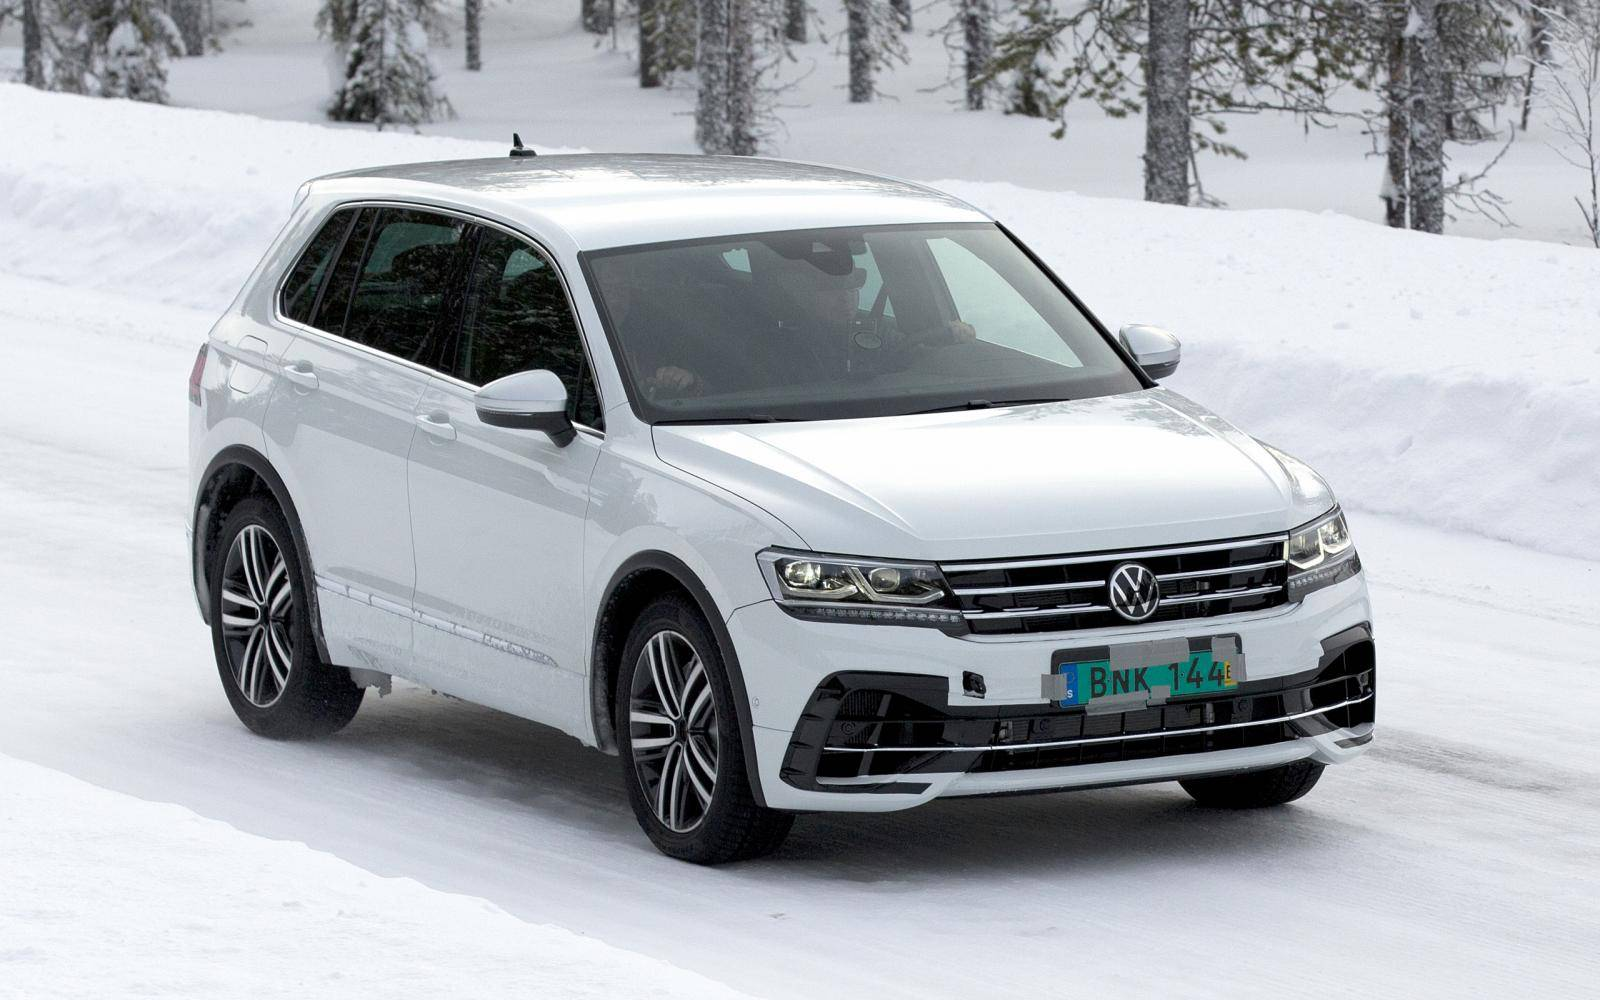 Komt u maaRRR: Volkswagen Tiguan R warmt op in de sneeuw